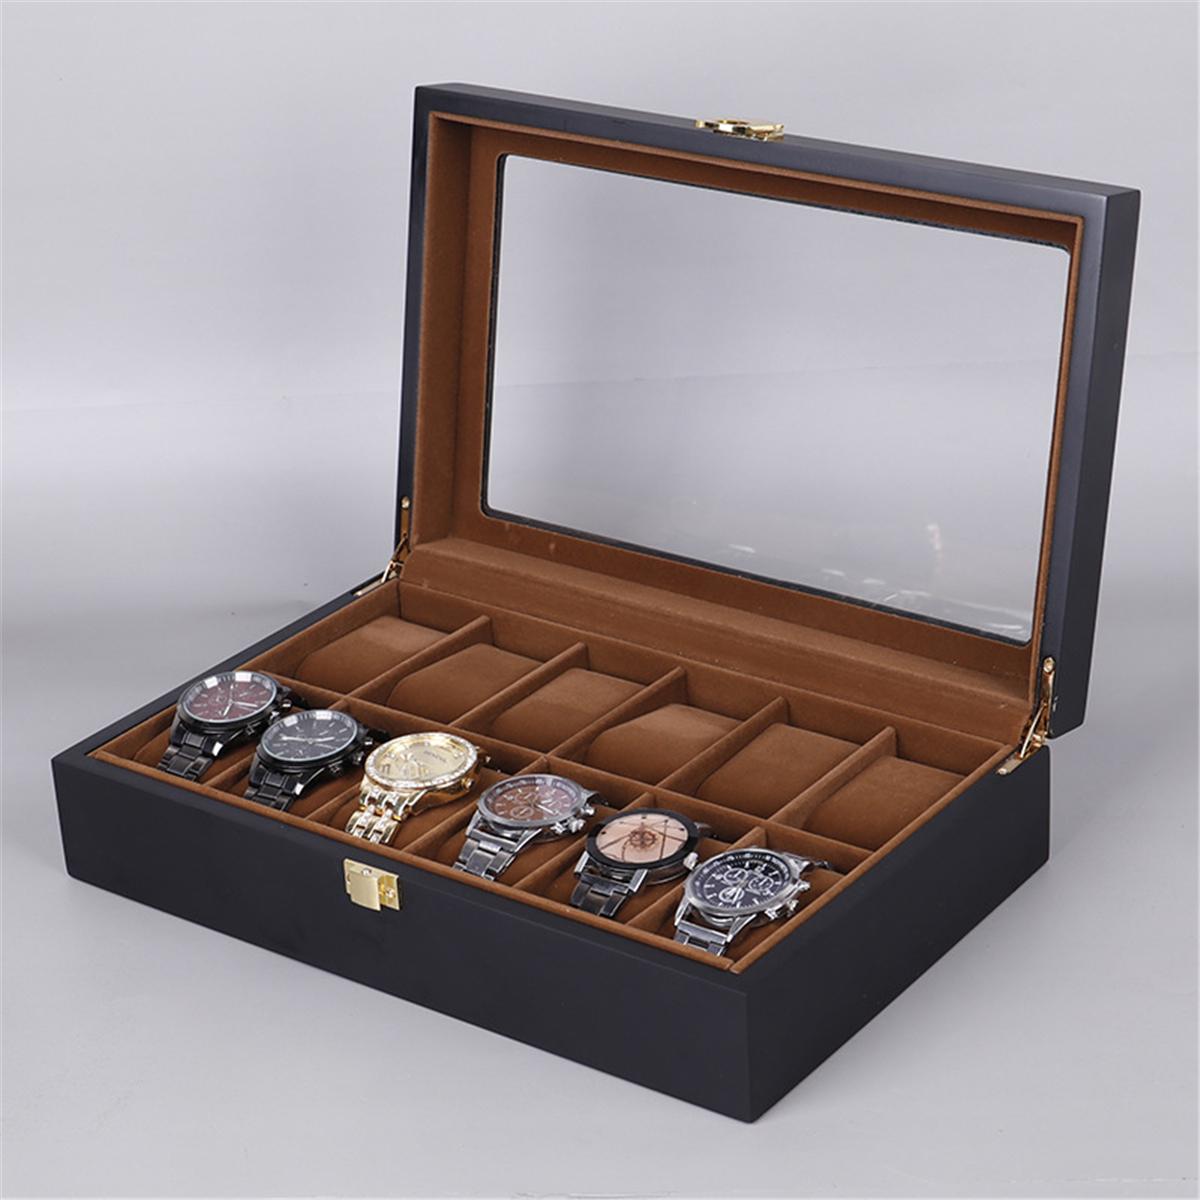 Bakeey 12 Slot Watch Box Watch Display Wood Jewelry Storage Organizer